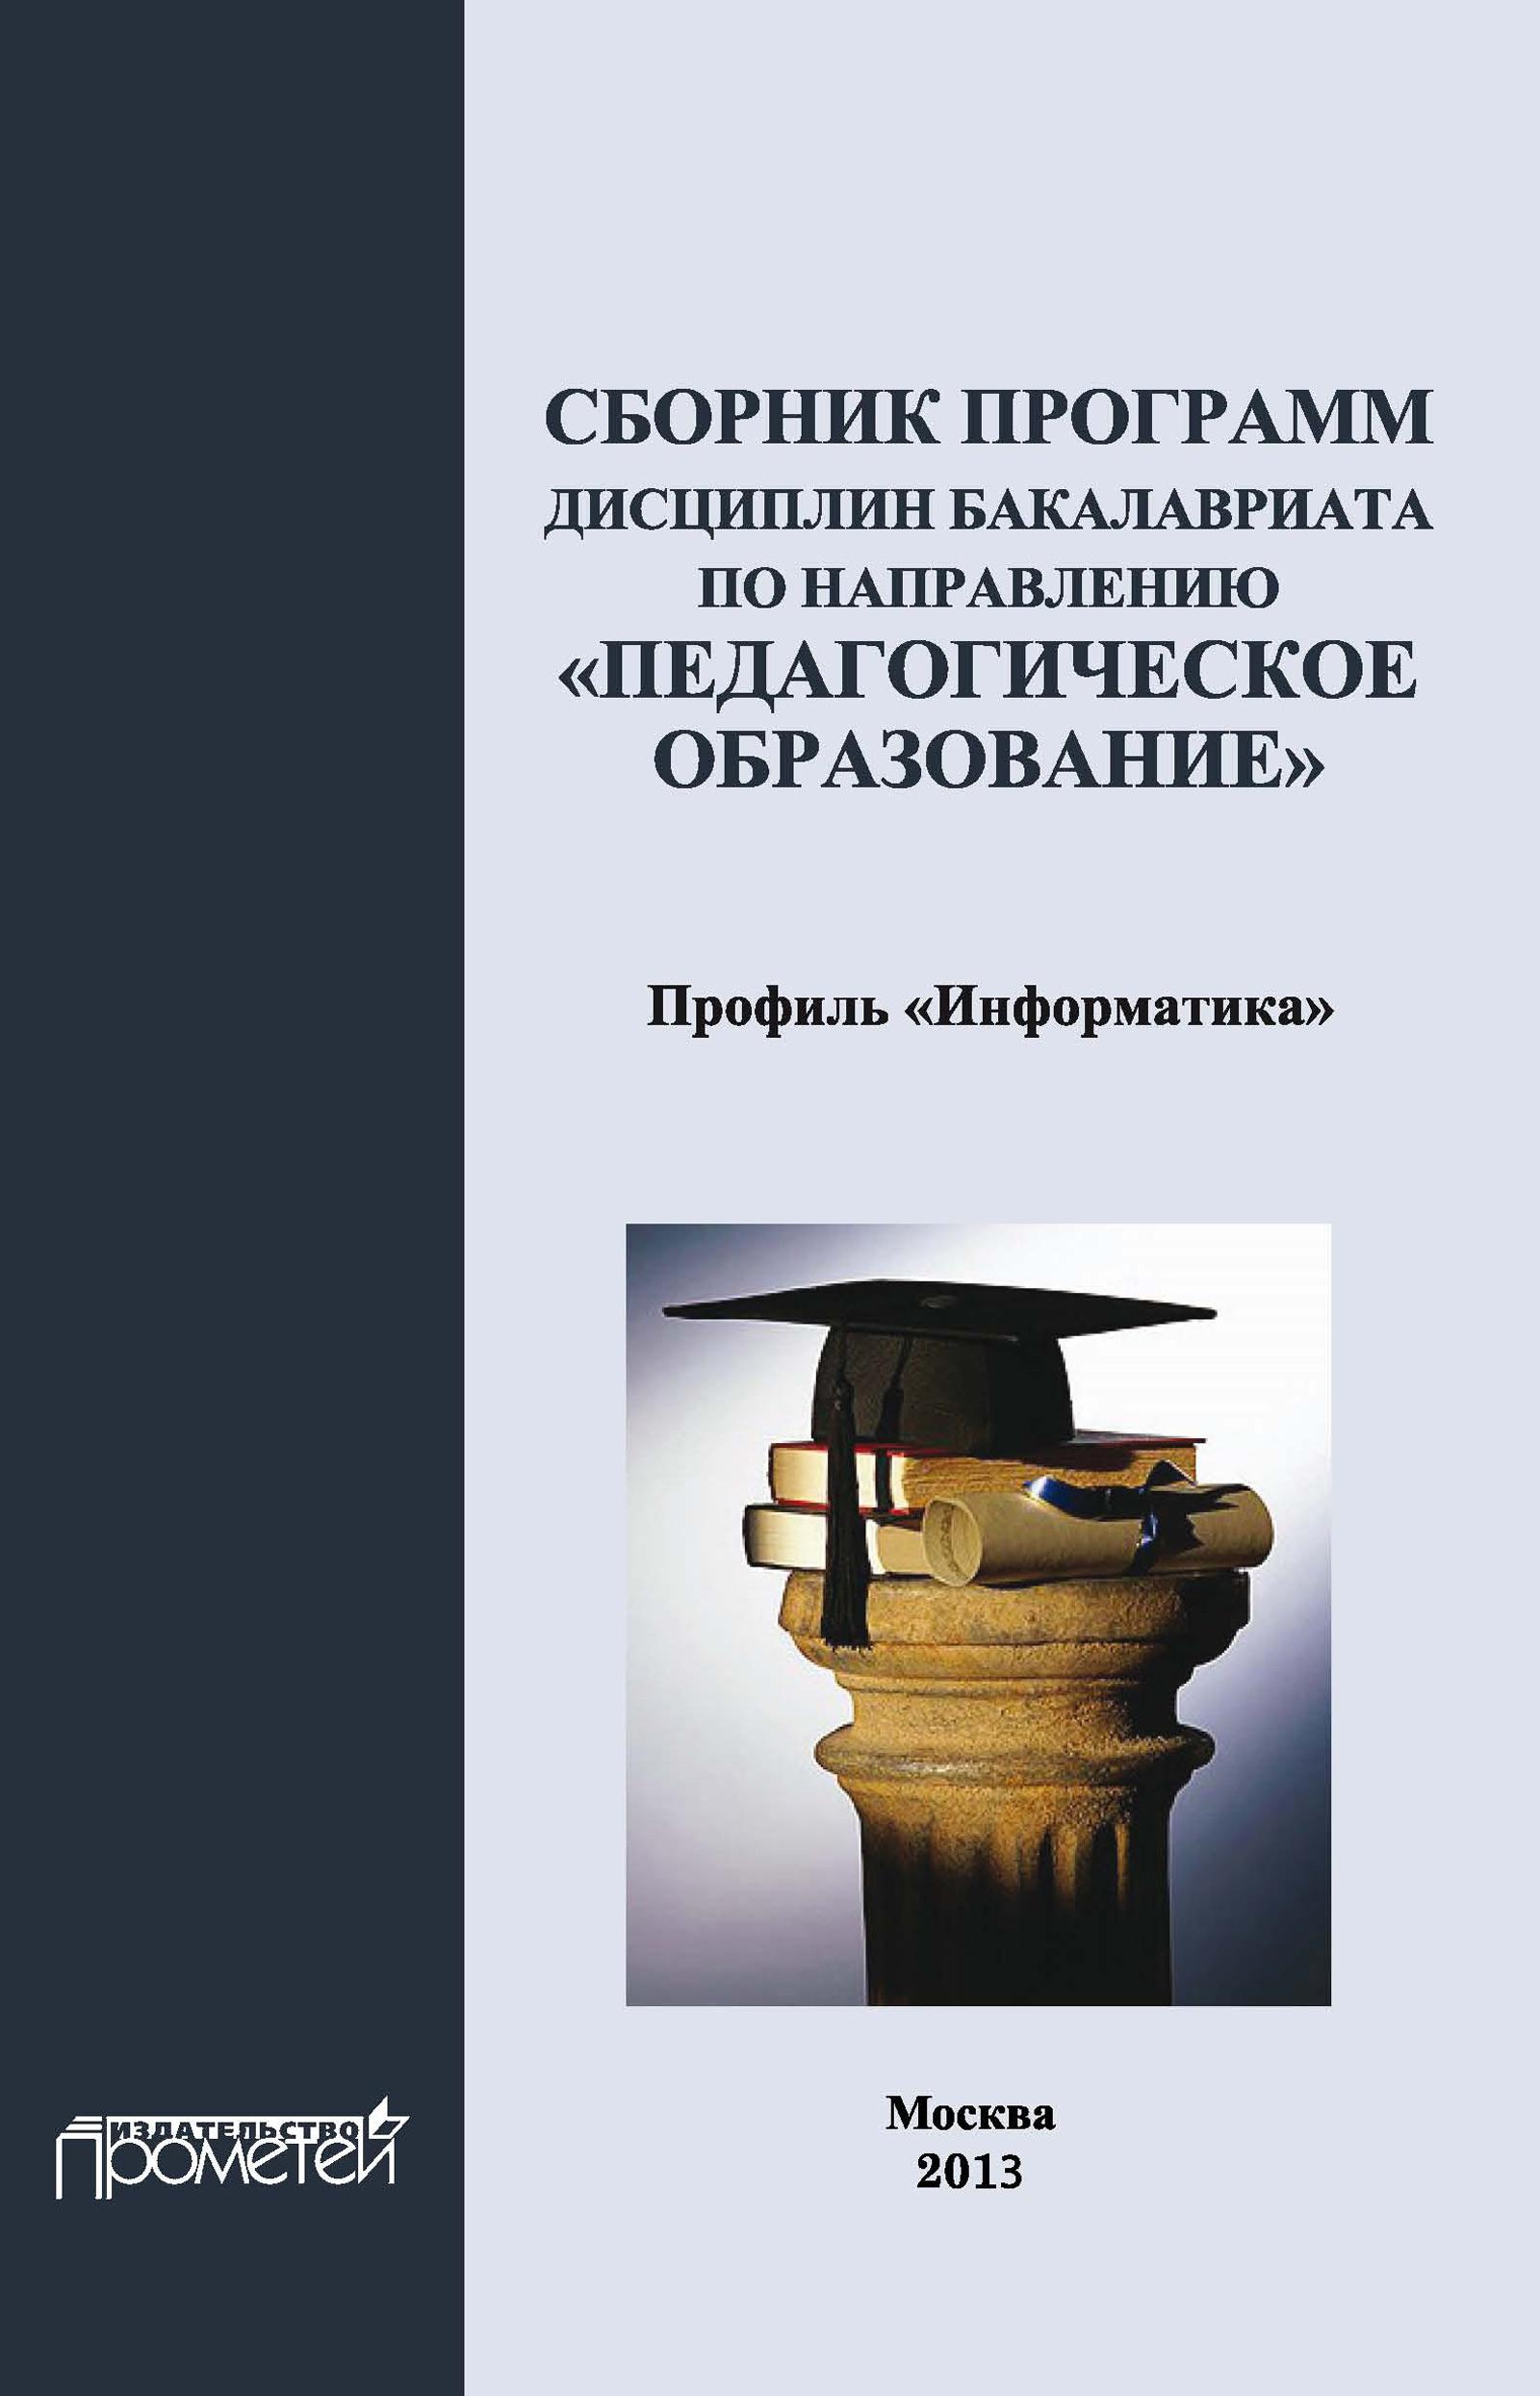 Коллектив авторов Сборник программ дисциплин бакалавриата по направлению «Педагогическое образование»: профиль «Информатика» цена